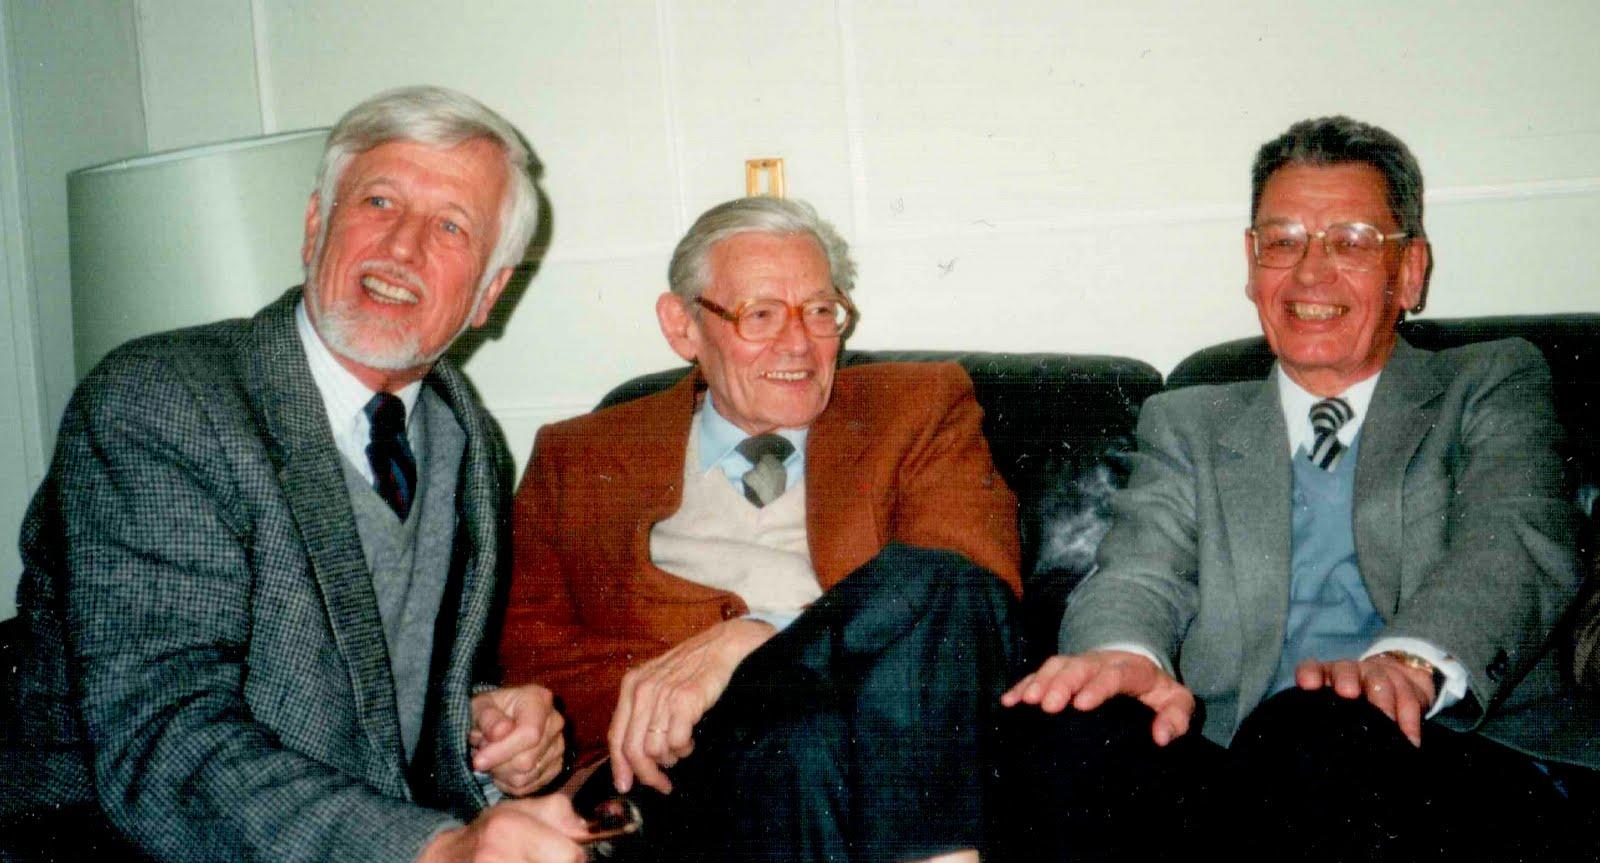 4 avril 1990. 3 frères Lesort. Rue de la Bourboule. réunion famille pour Claude Sibertin-Blanc